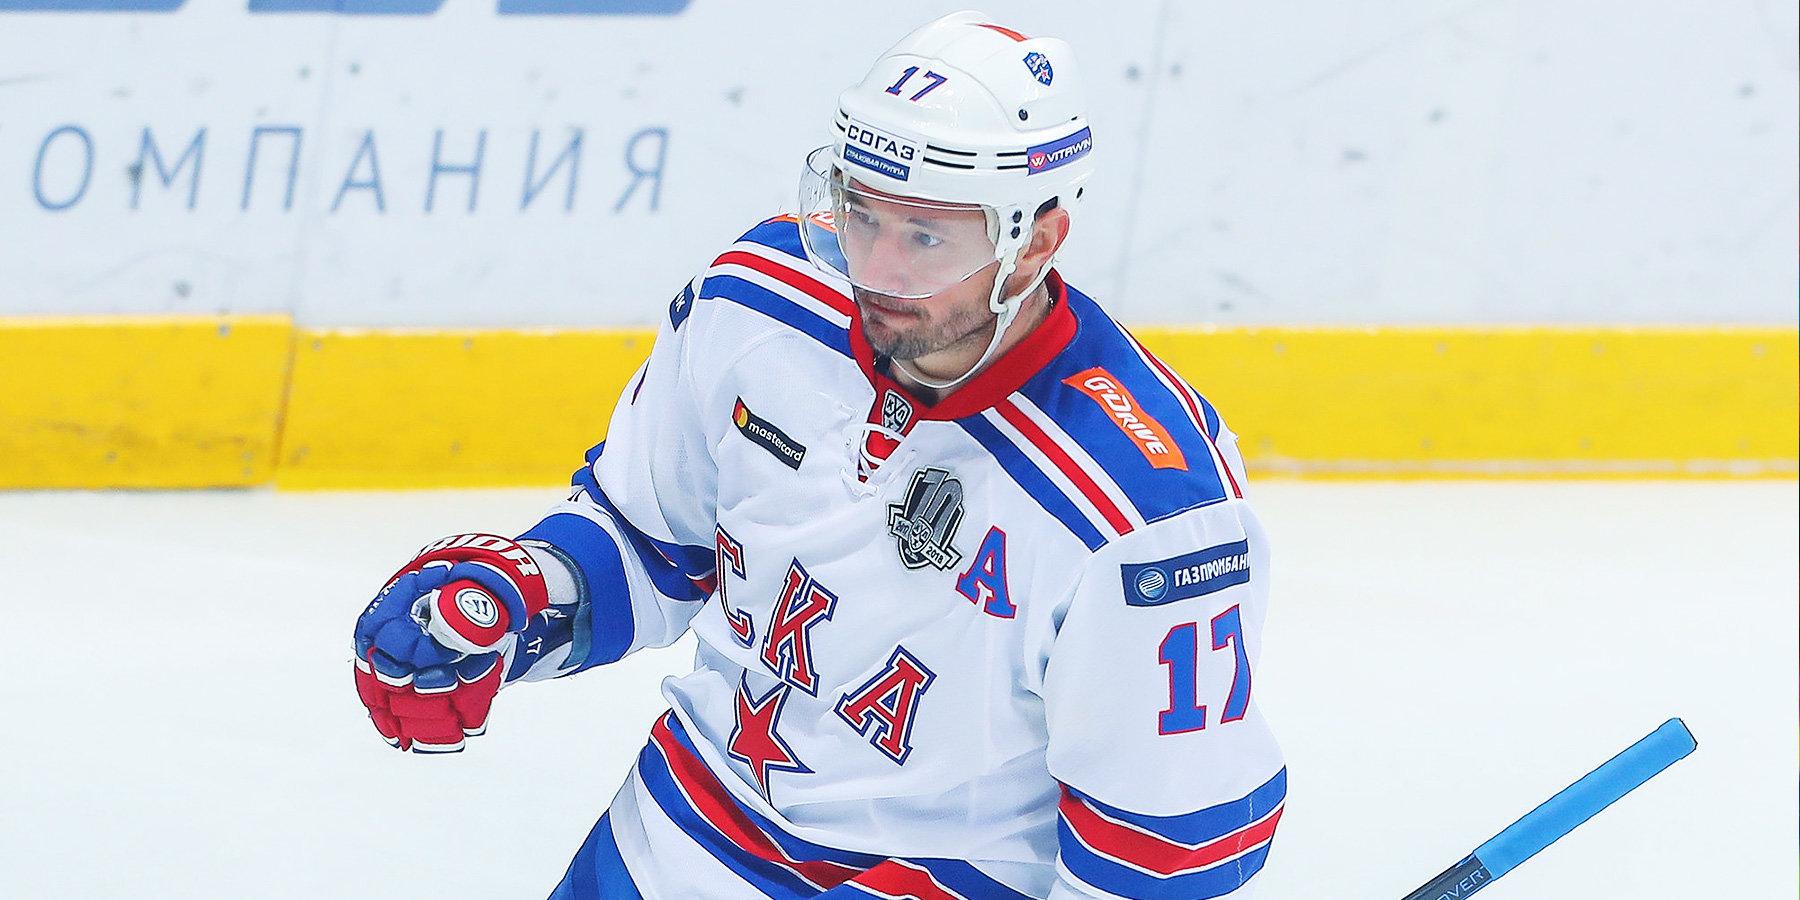 СКА разгромил «Автомобилист» в следующем туре КХЛ